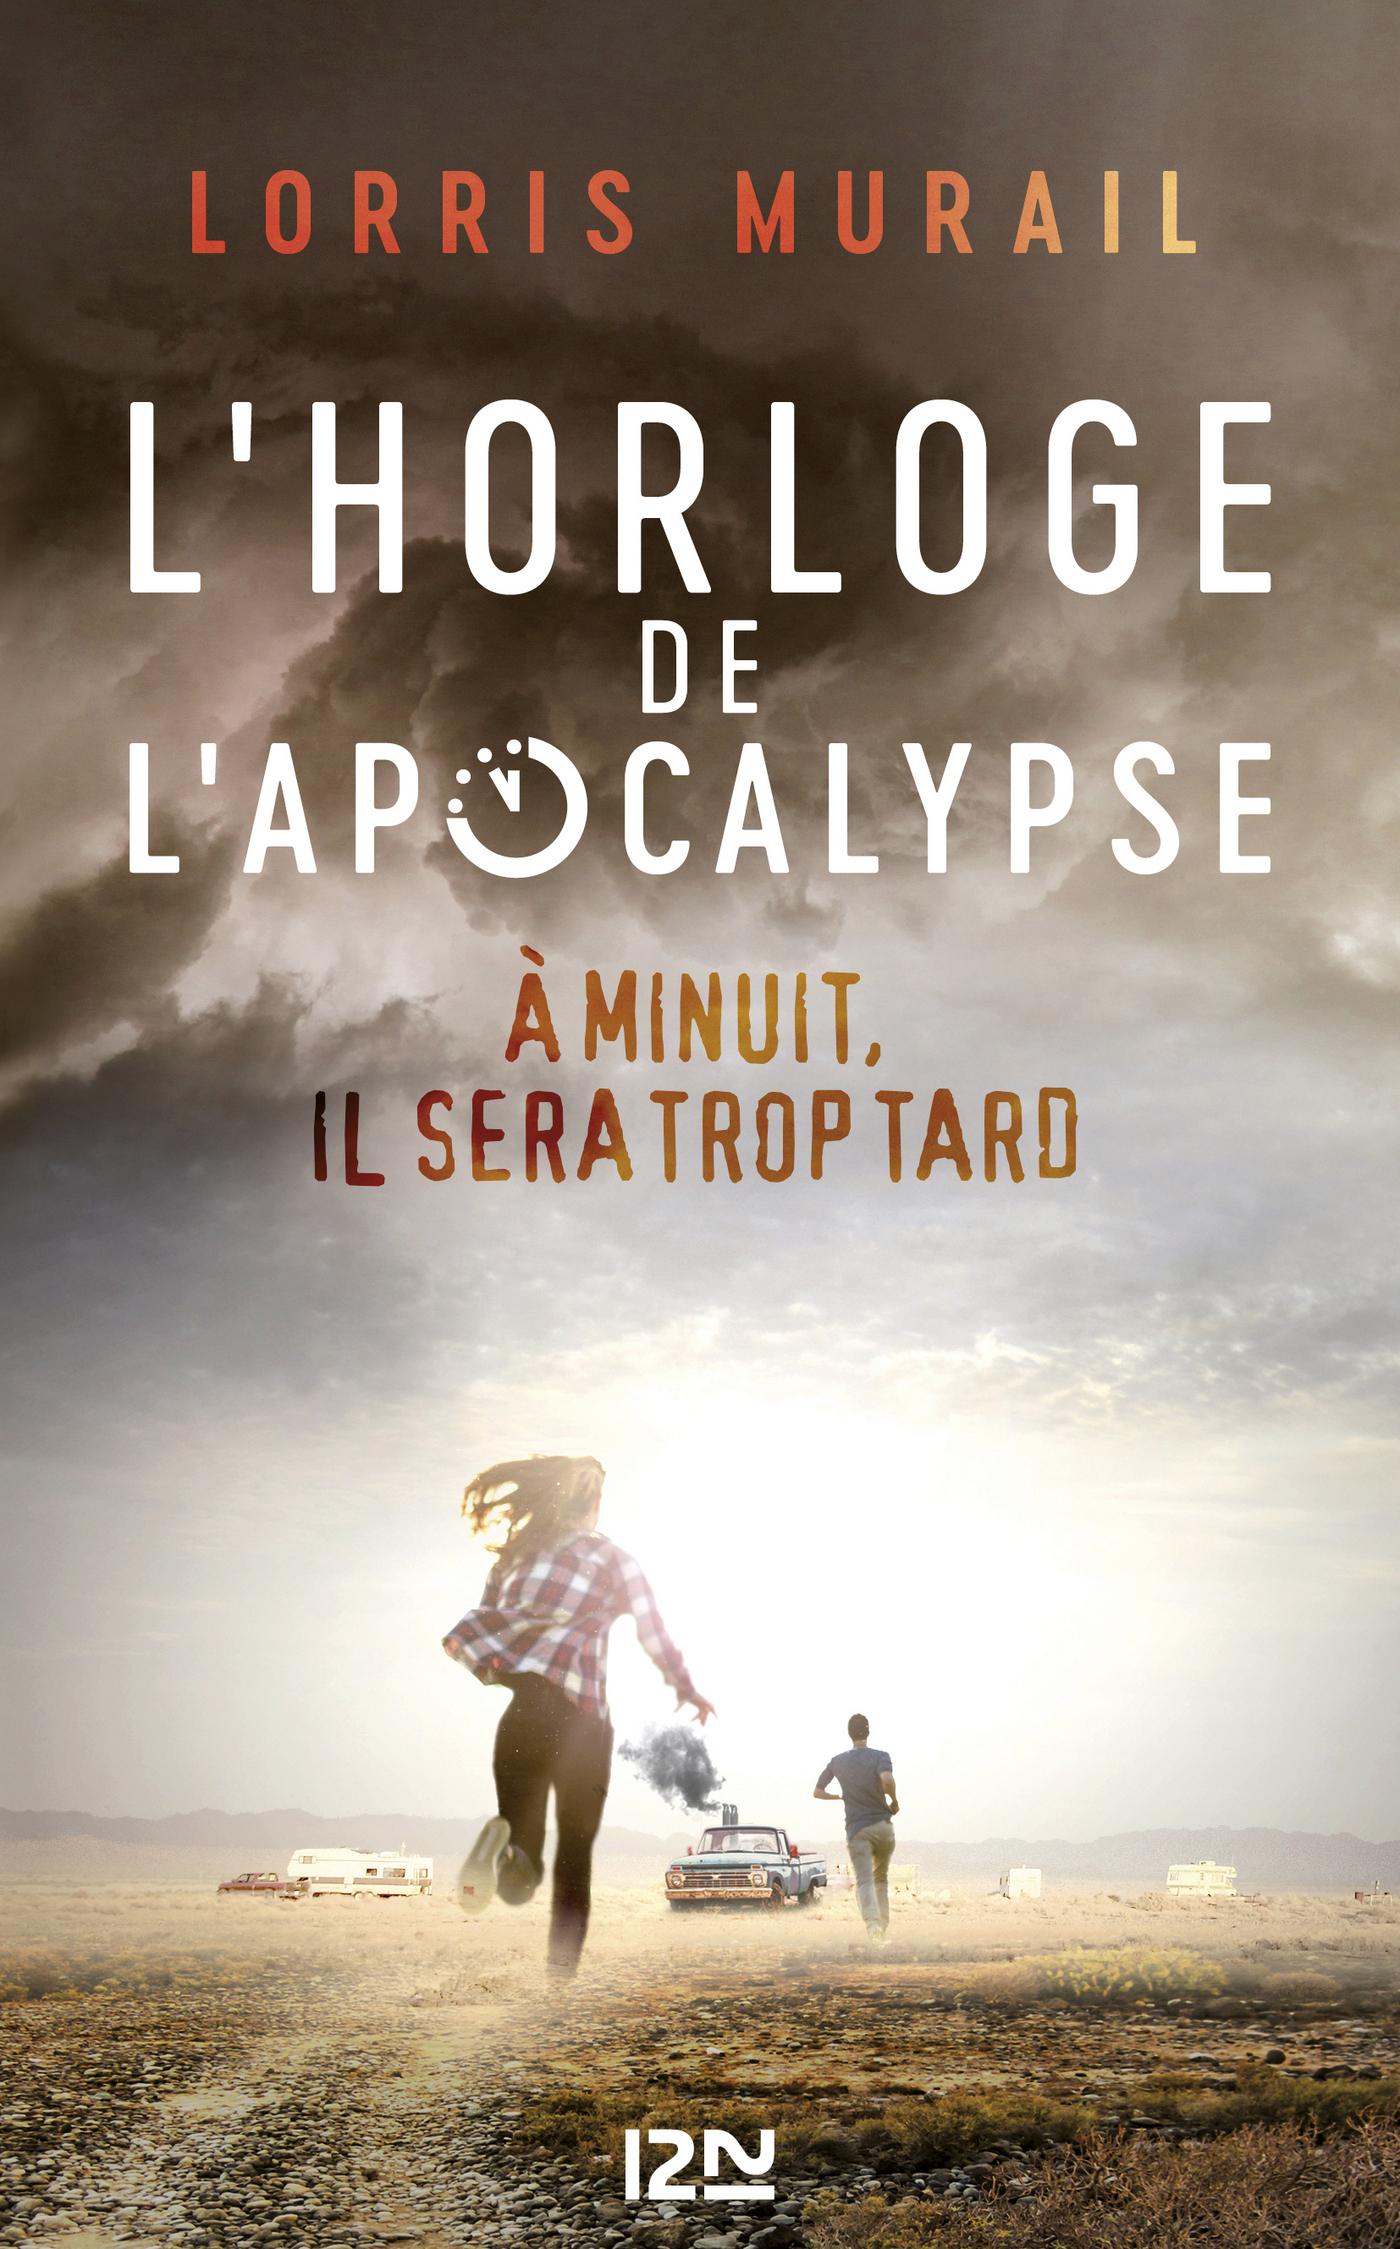 L'Horloge de l'apocalypse | MURAIL, Lorris